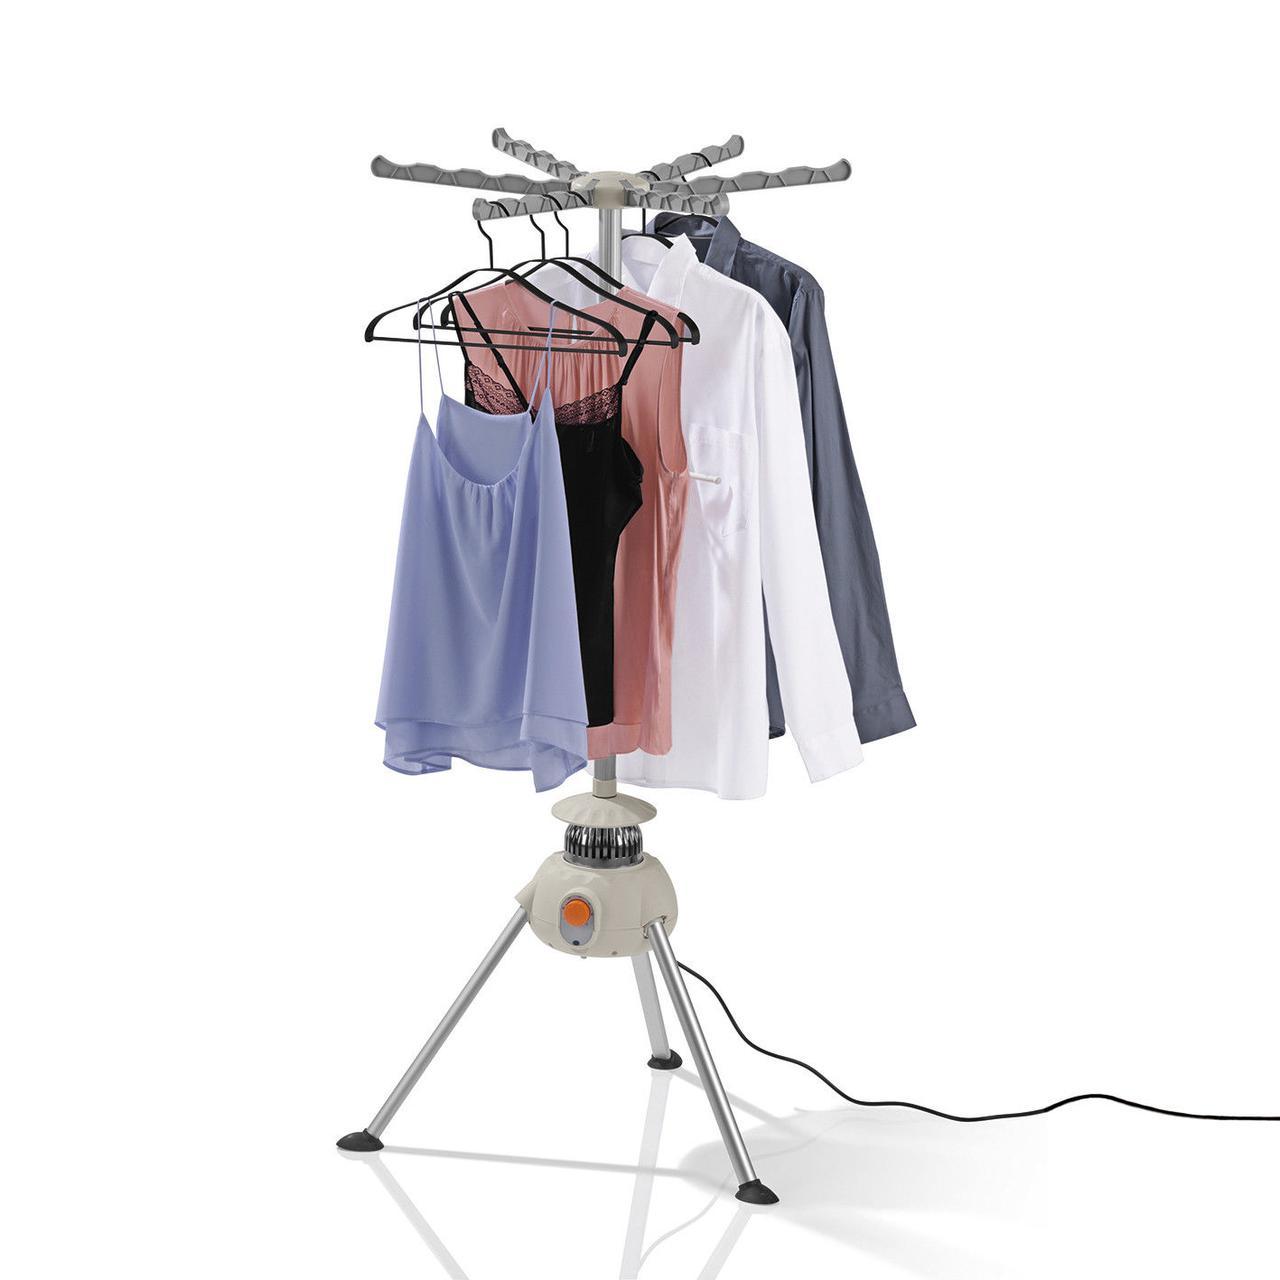 Сушилка для одежды электрическая